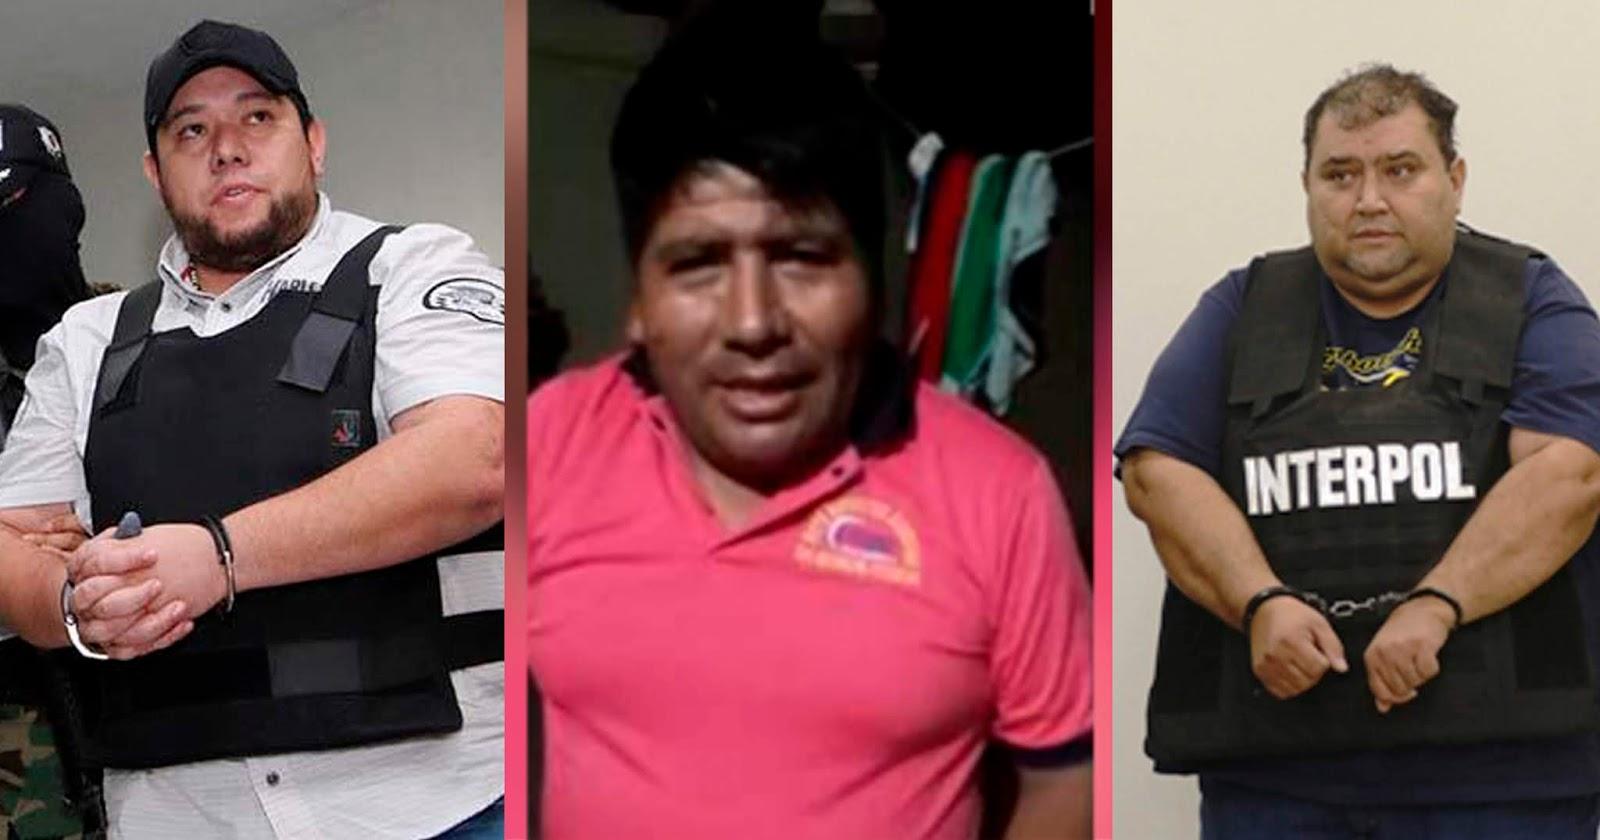 Montenegro (sentenciado), Yujra (prófugo) y Lima Lobo (detenido), son algunos nombres de sospechosos por narcotráfico, revelados en los últimos tres años de la era Evo Morales / WEB / RRSS/ MONTAJE